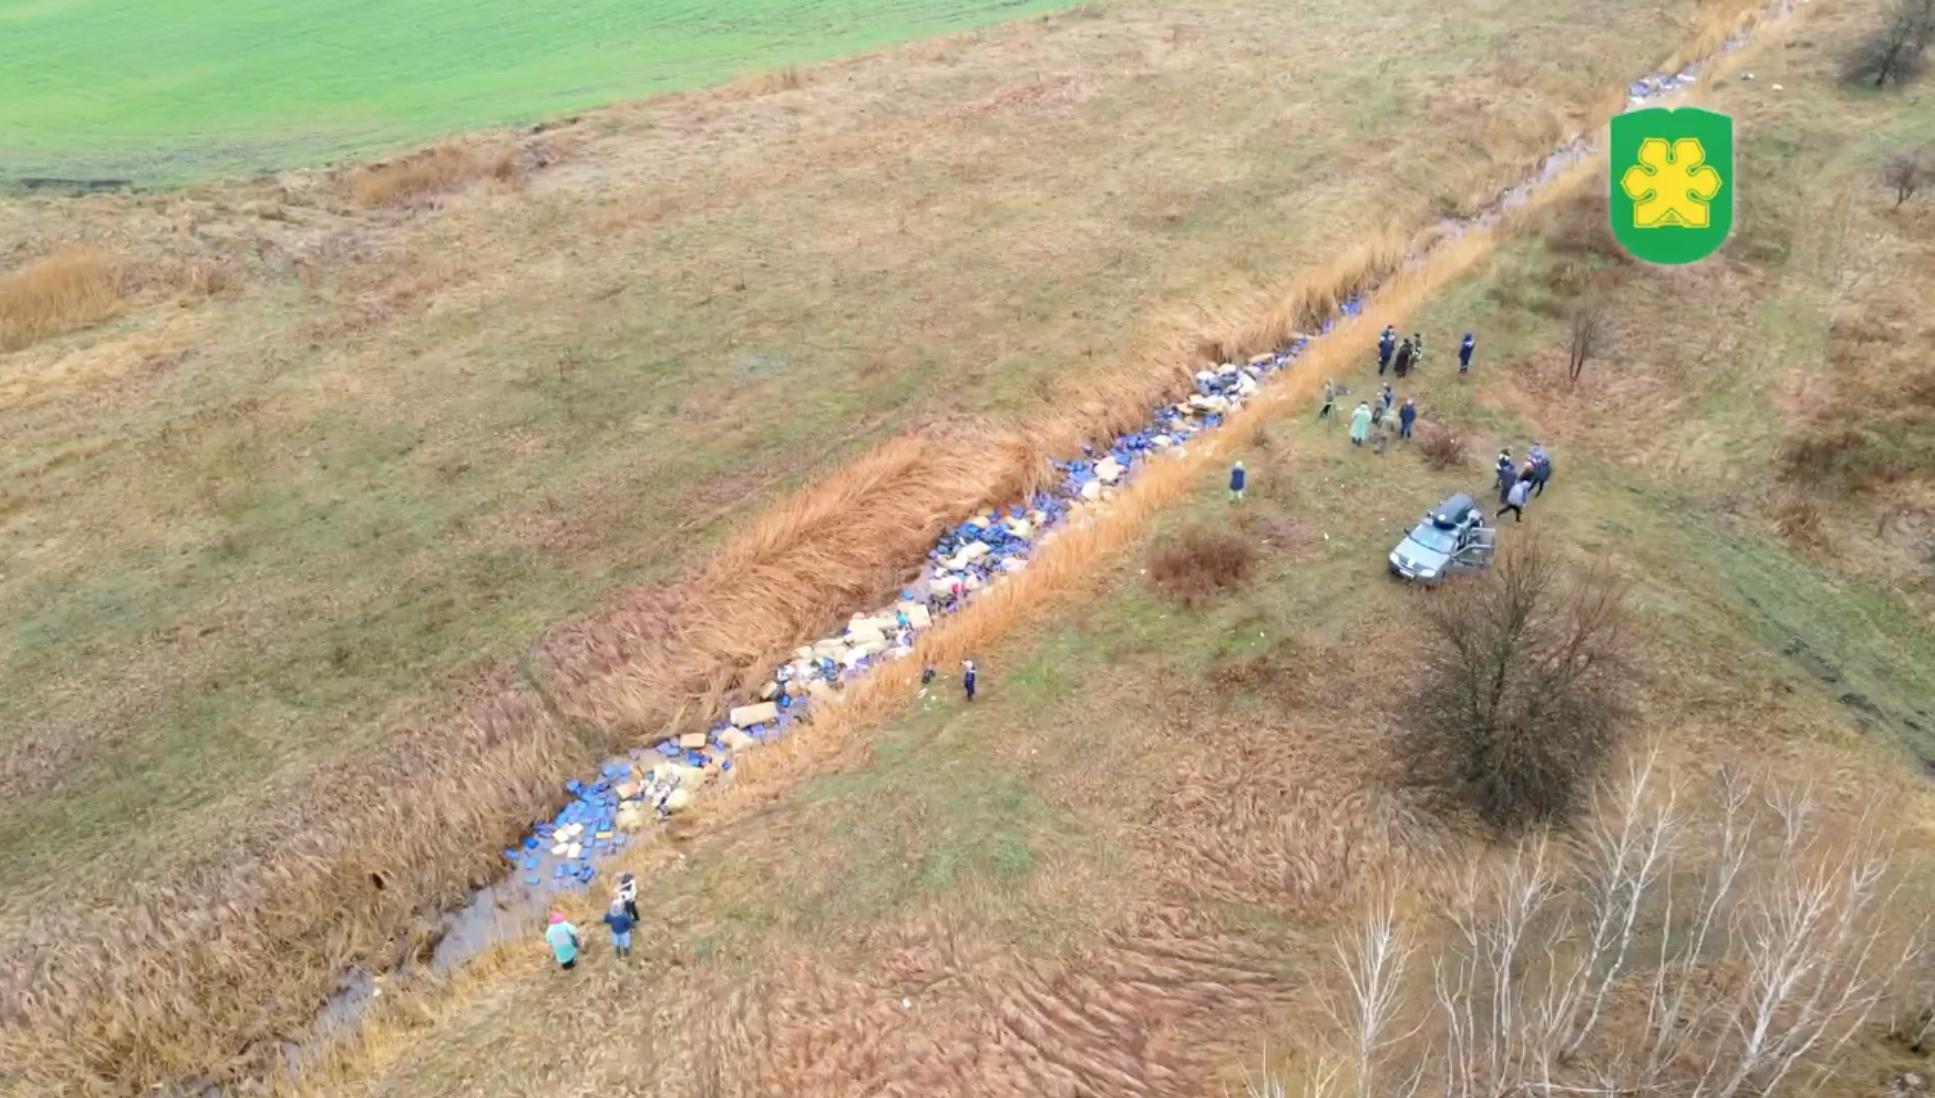 В реку под Киевом сбросили несколько тысяч канистр с химикатами — фото 2